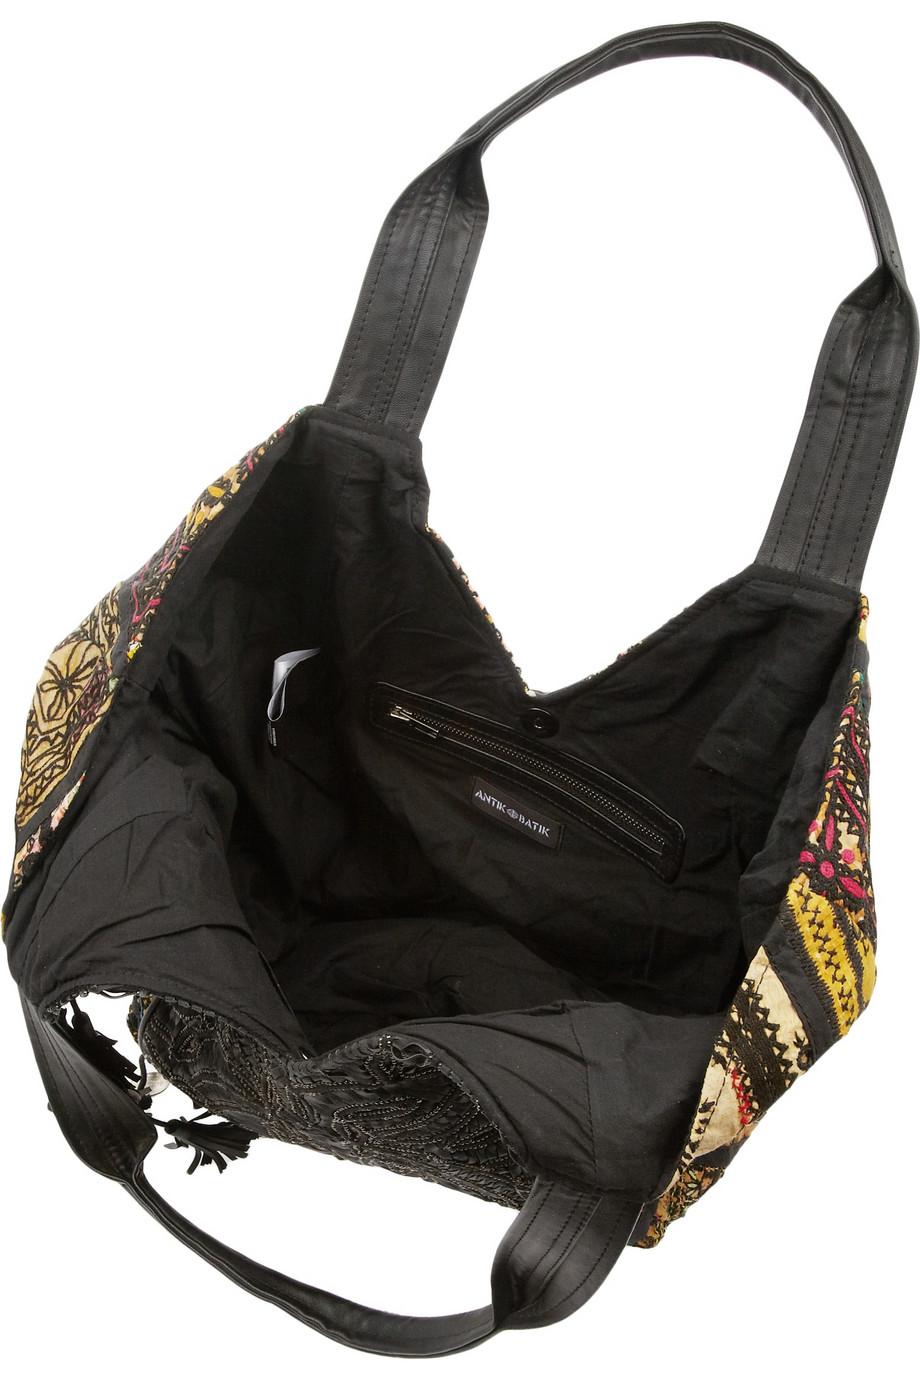 Antik Batik Leathertrimmed Embroidered Cotton Shoulder Bag